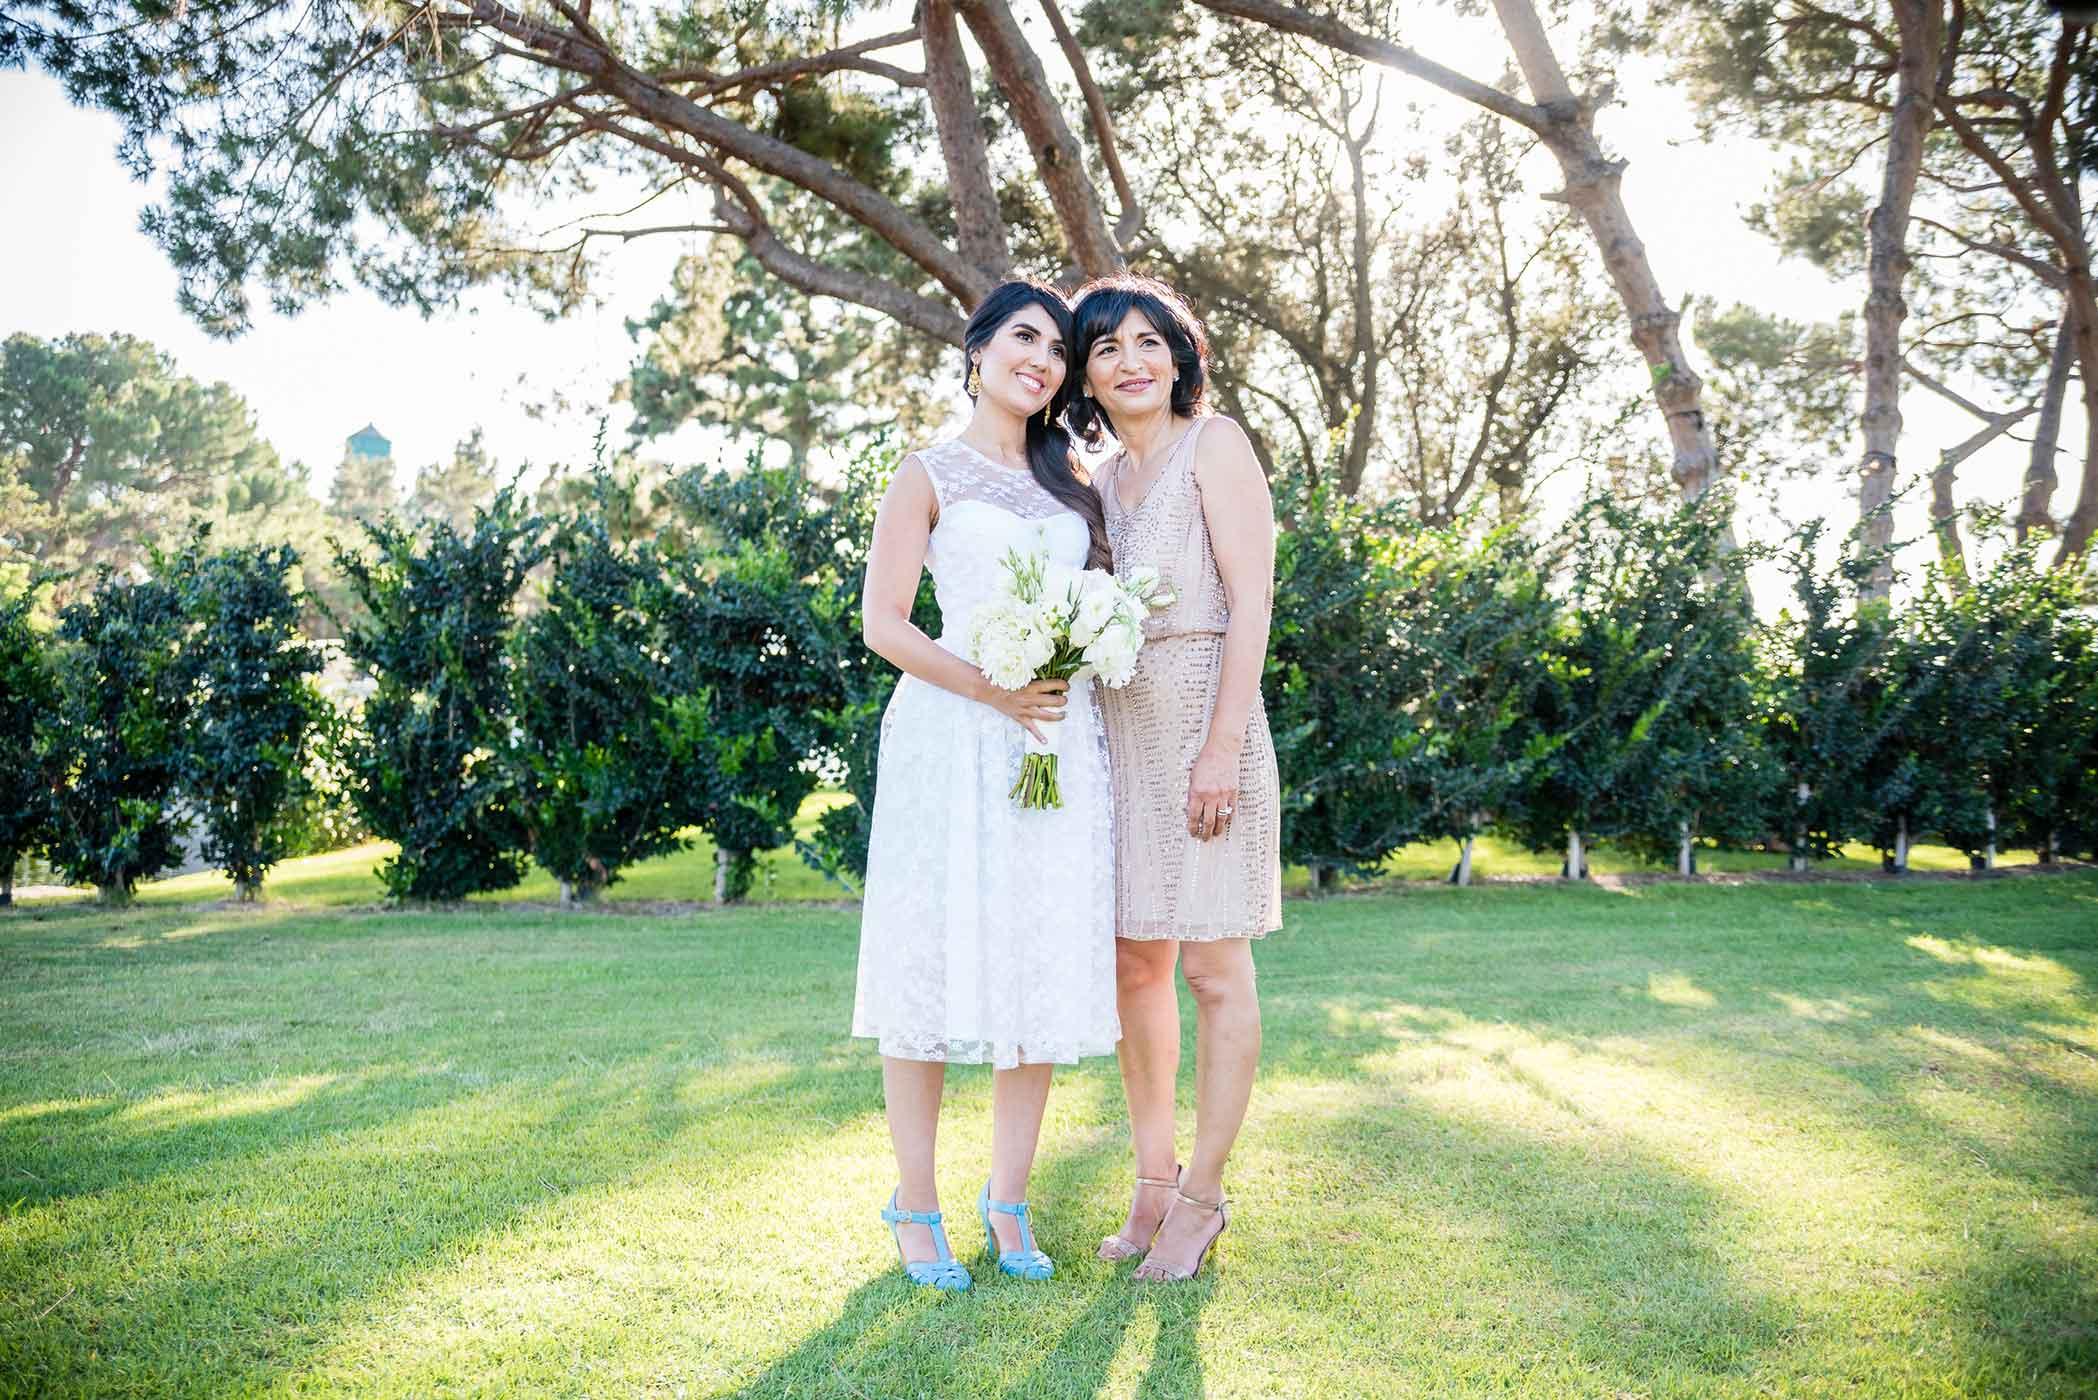 smlNahal-+-Joe-Wedding---Aug-2015-78.jpg